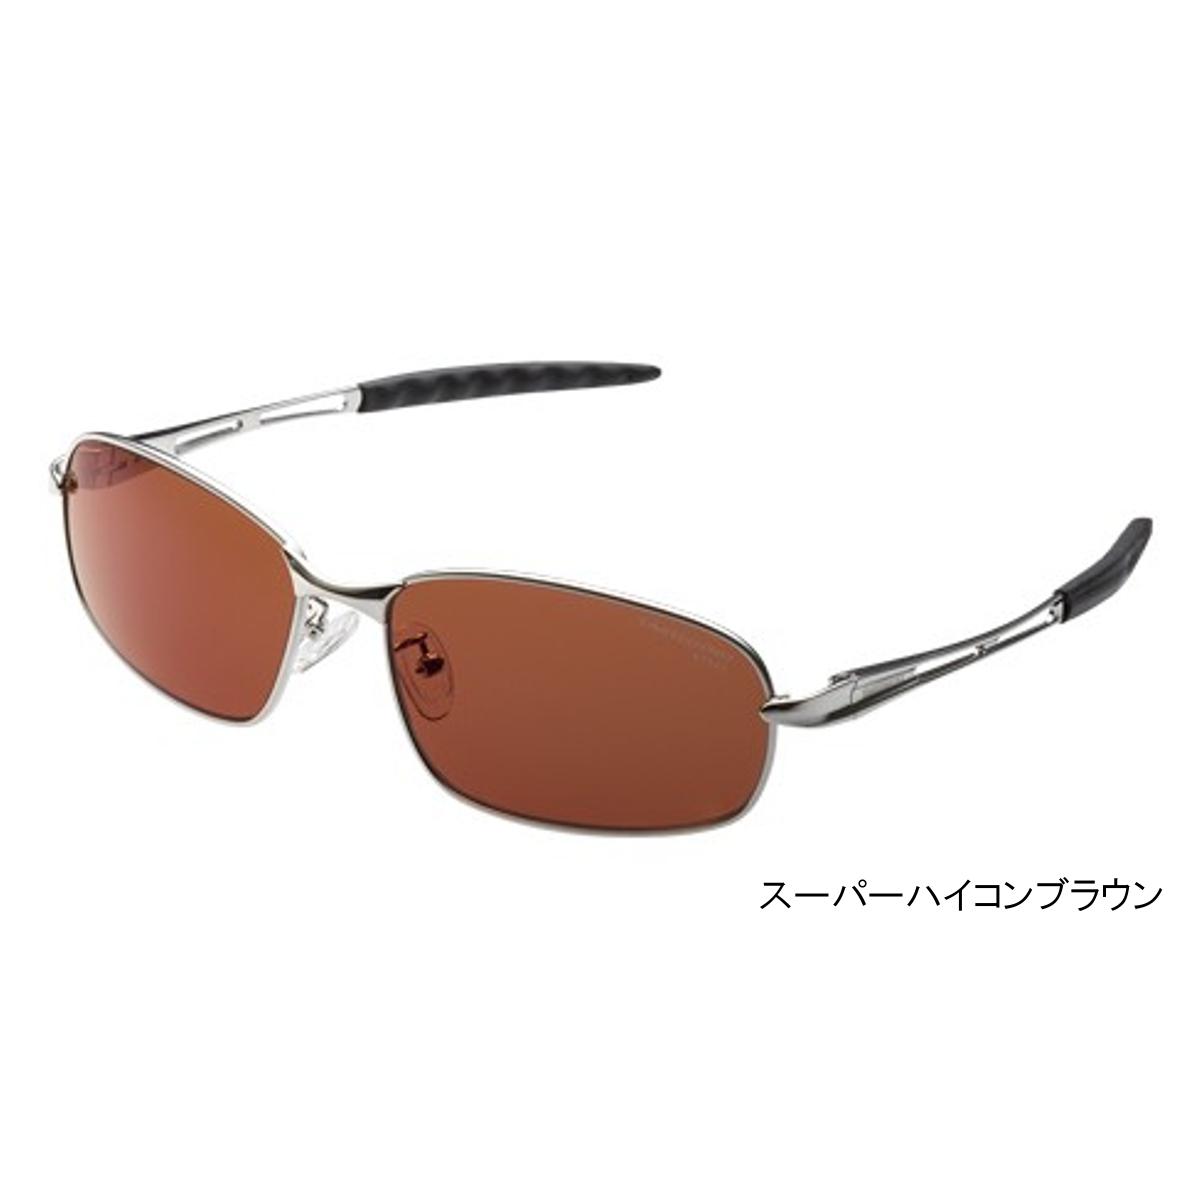 シマノ フィッシンググラス LIMITED PRO HG-331R スーパーハイコンブラウン【送料無料】